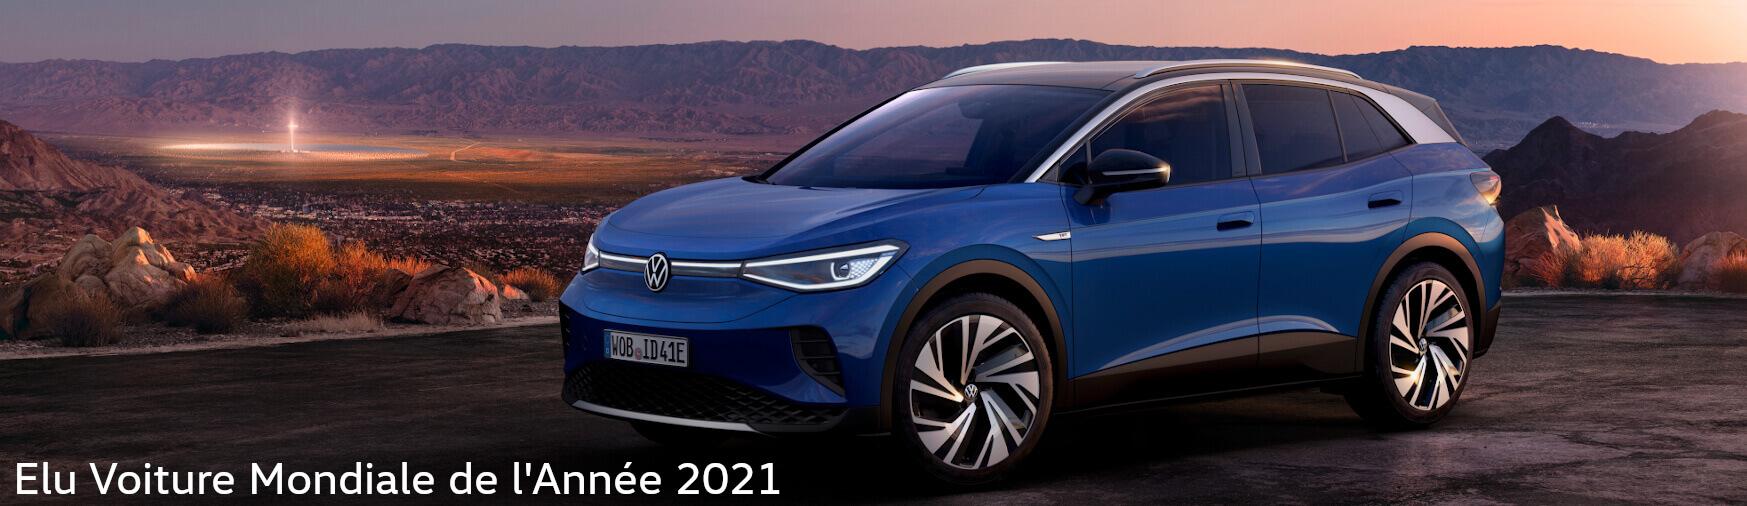 Portes Ouvertes Volkswagen Juin